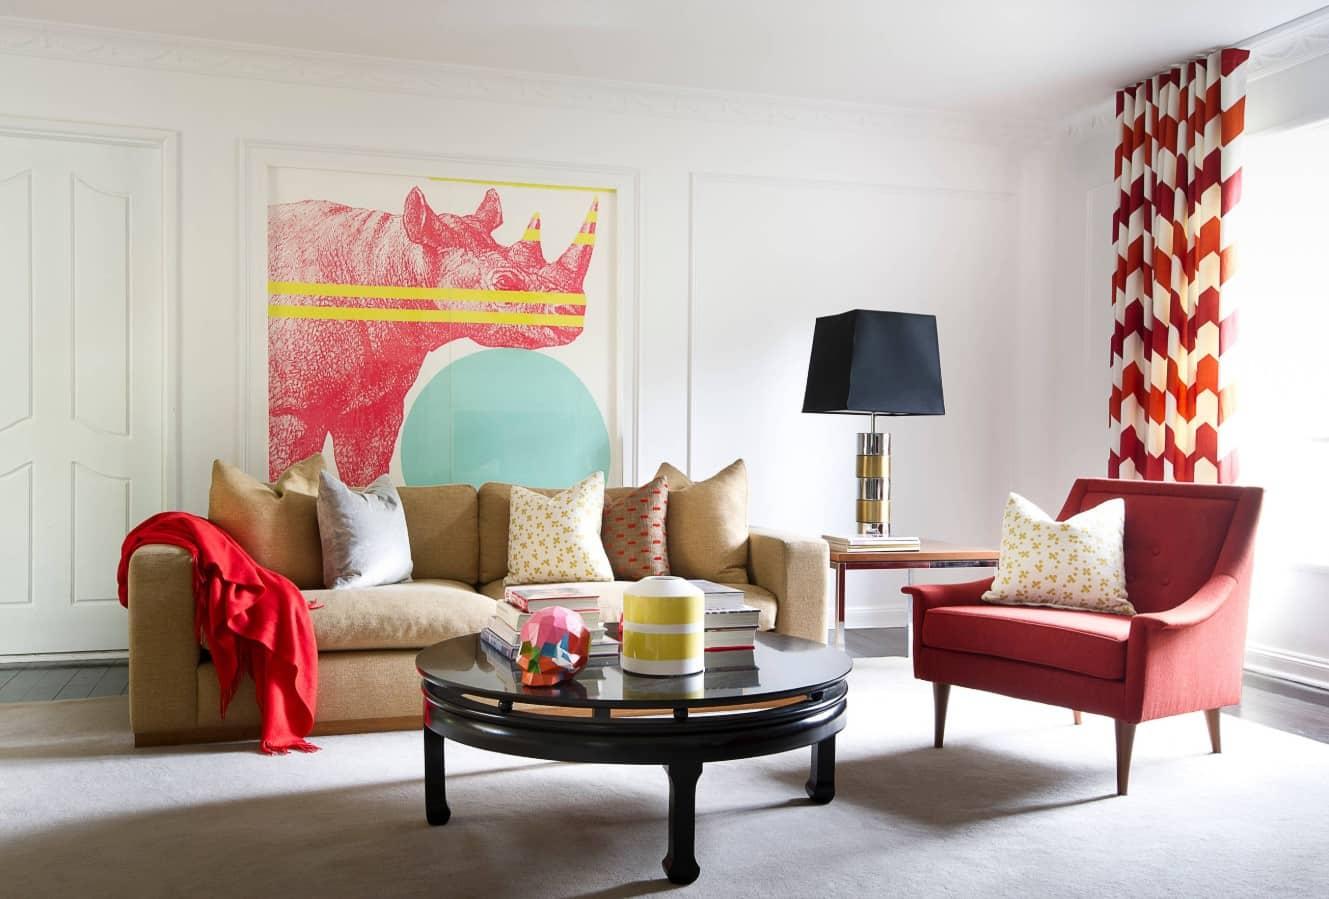 Red Living Room: Elegant & Bright Interior Design. Impressionistic painting for Art-deco minimalistic living room